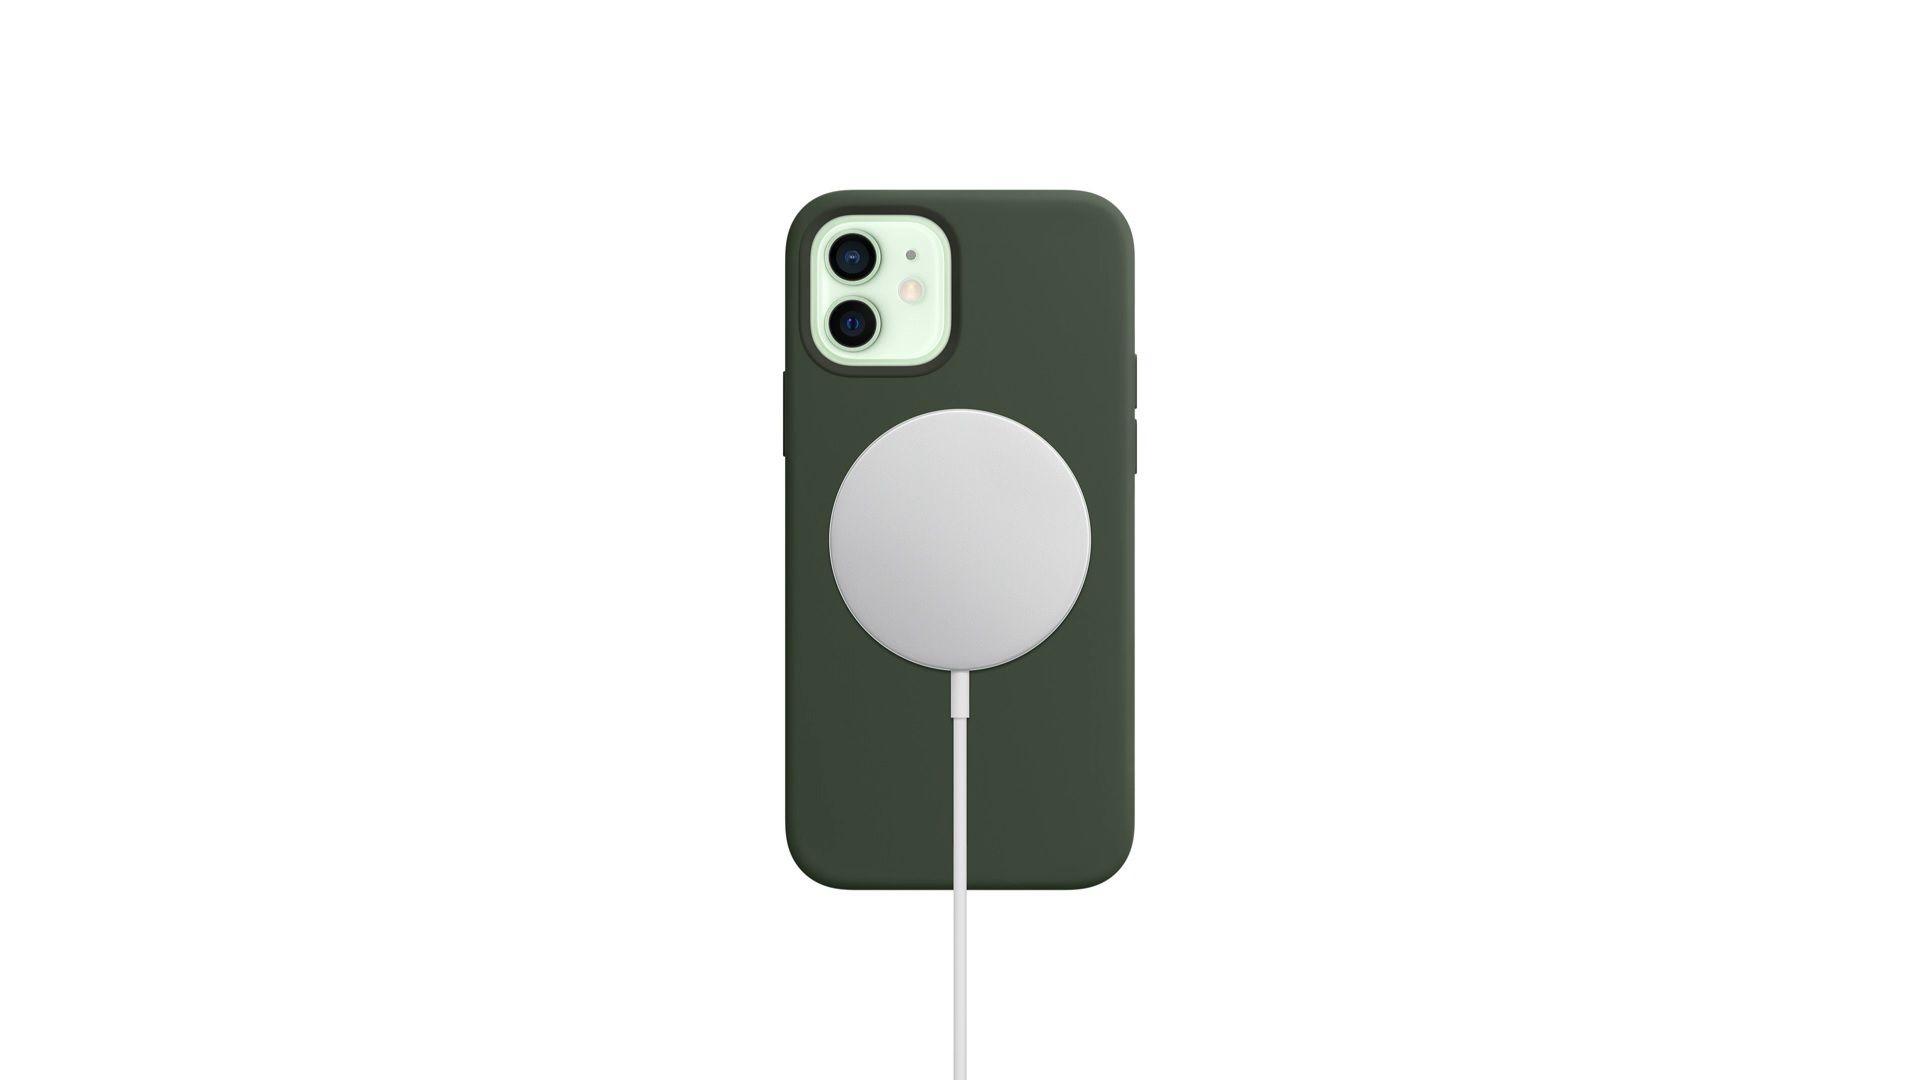 O carregador wireless pode ser usado no iPhone 12 por cima da capa magnética (Foto: Reprodução/Apple)